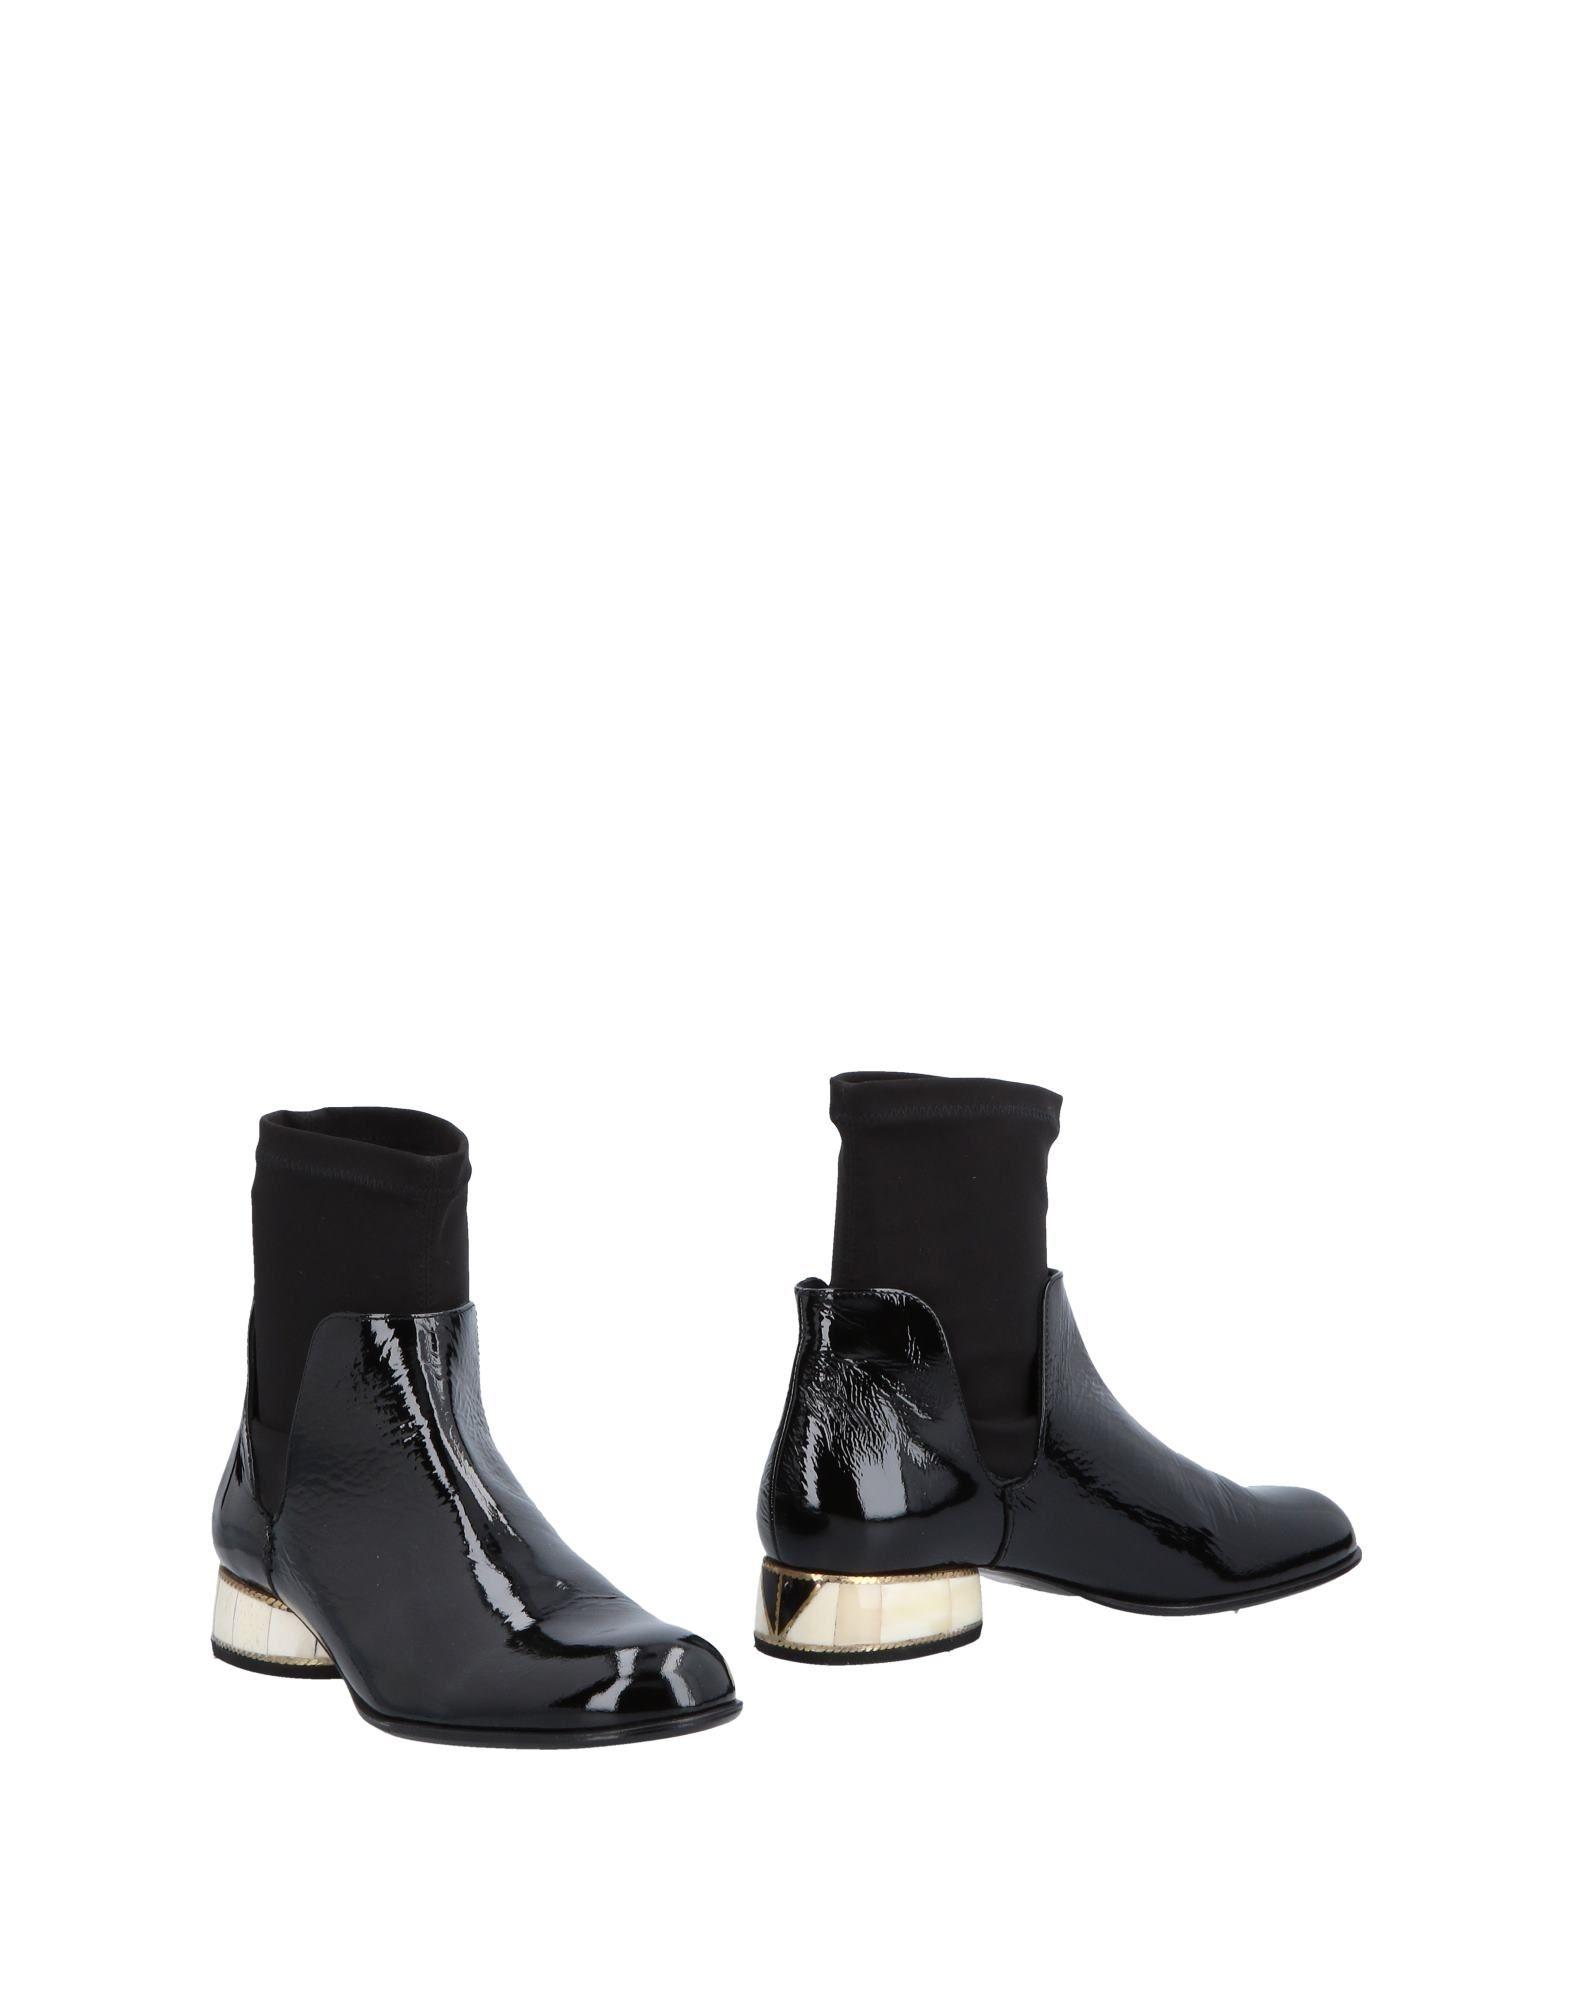 Paloma Barceló Stiefelette Damen Schuhe  11501228IOGut aussehende strapazierfähige Schuhe Damen 571dad